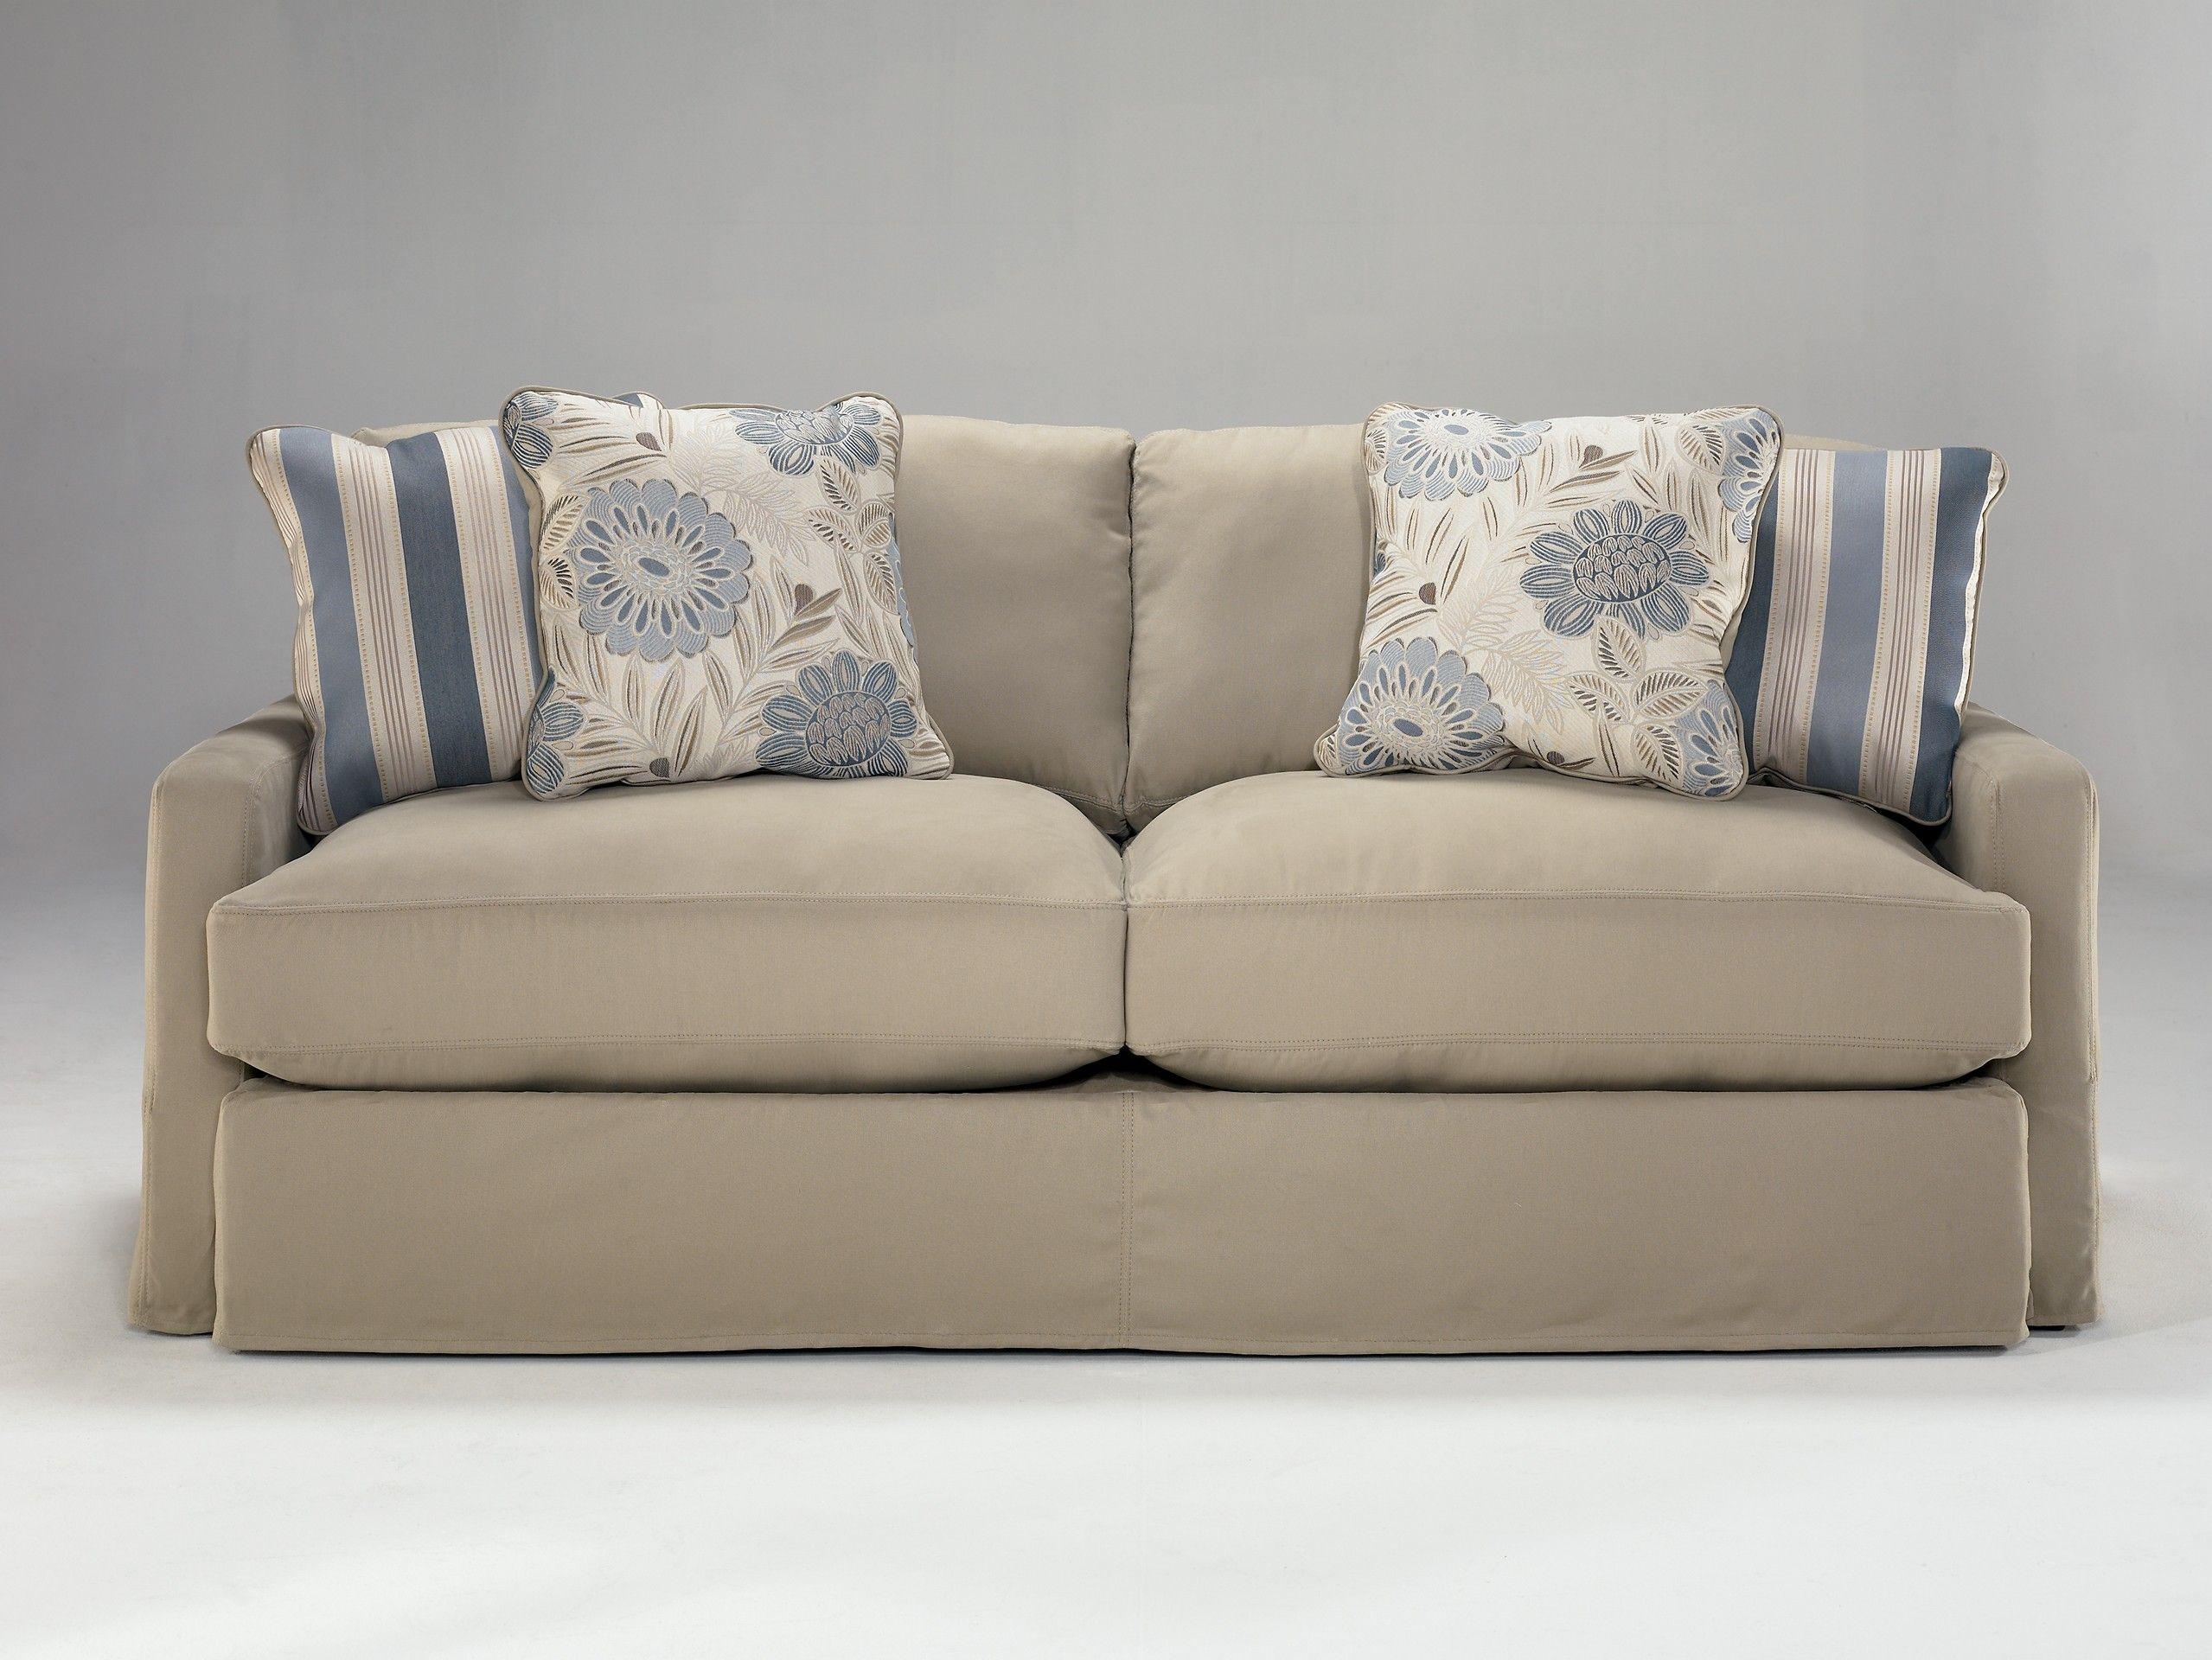 addison sofa ashley furniture preston lancashire signature designs by